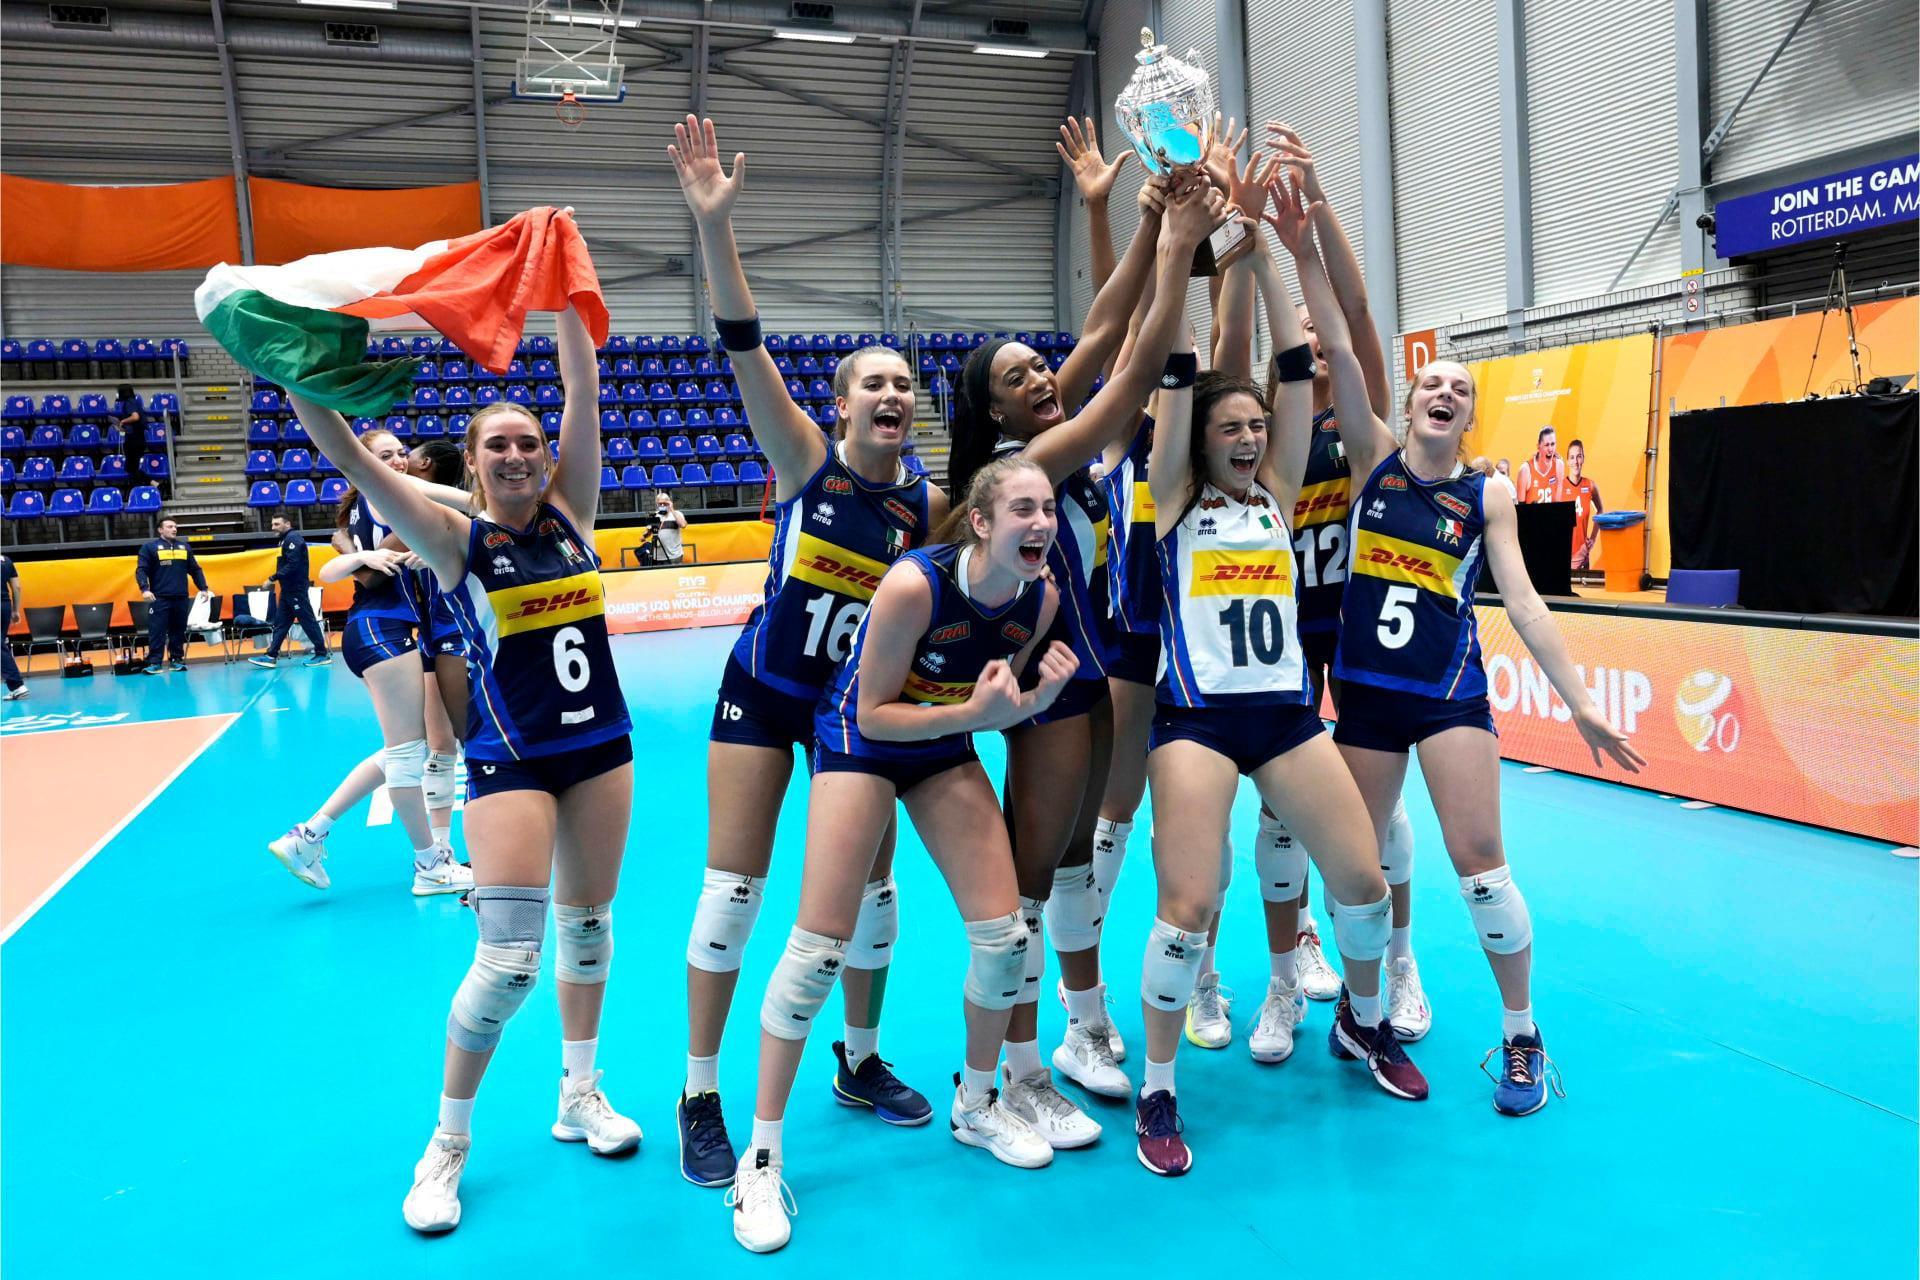 L'Italia vince i Campionati del Mondo FIVP Under 20 Femminili a Rotterdam all'inizio di questo mese © Facebook / Federacin Italiana Pallavolo